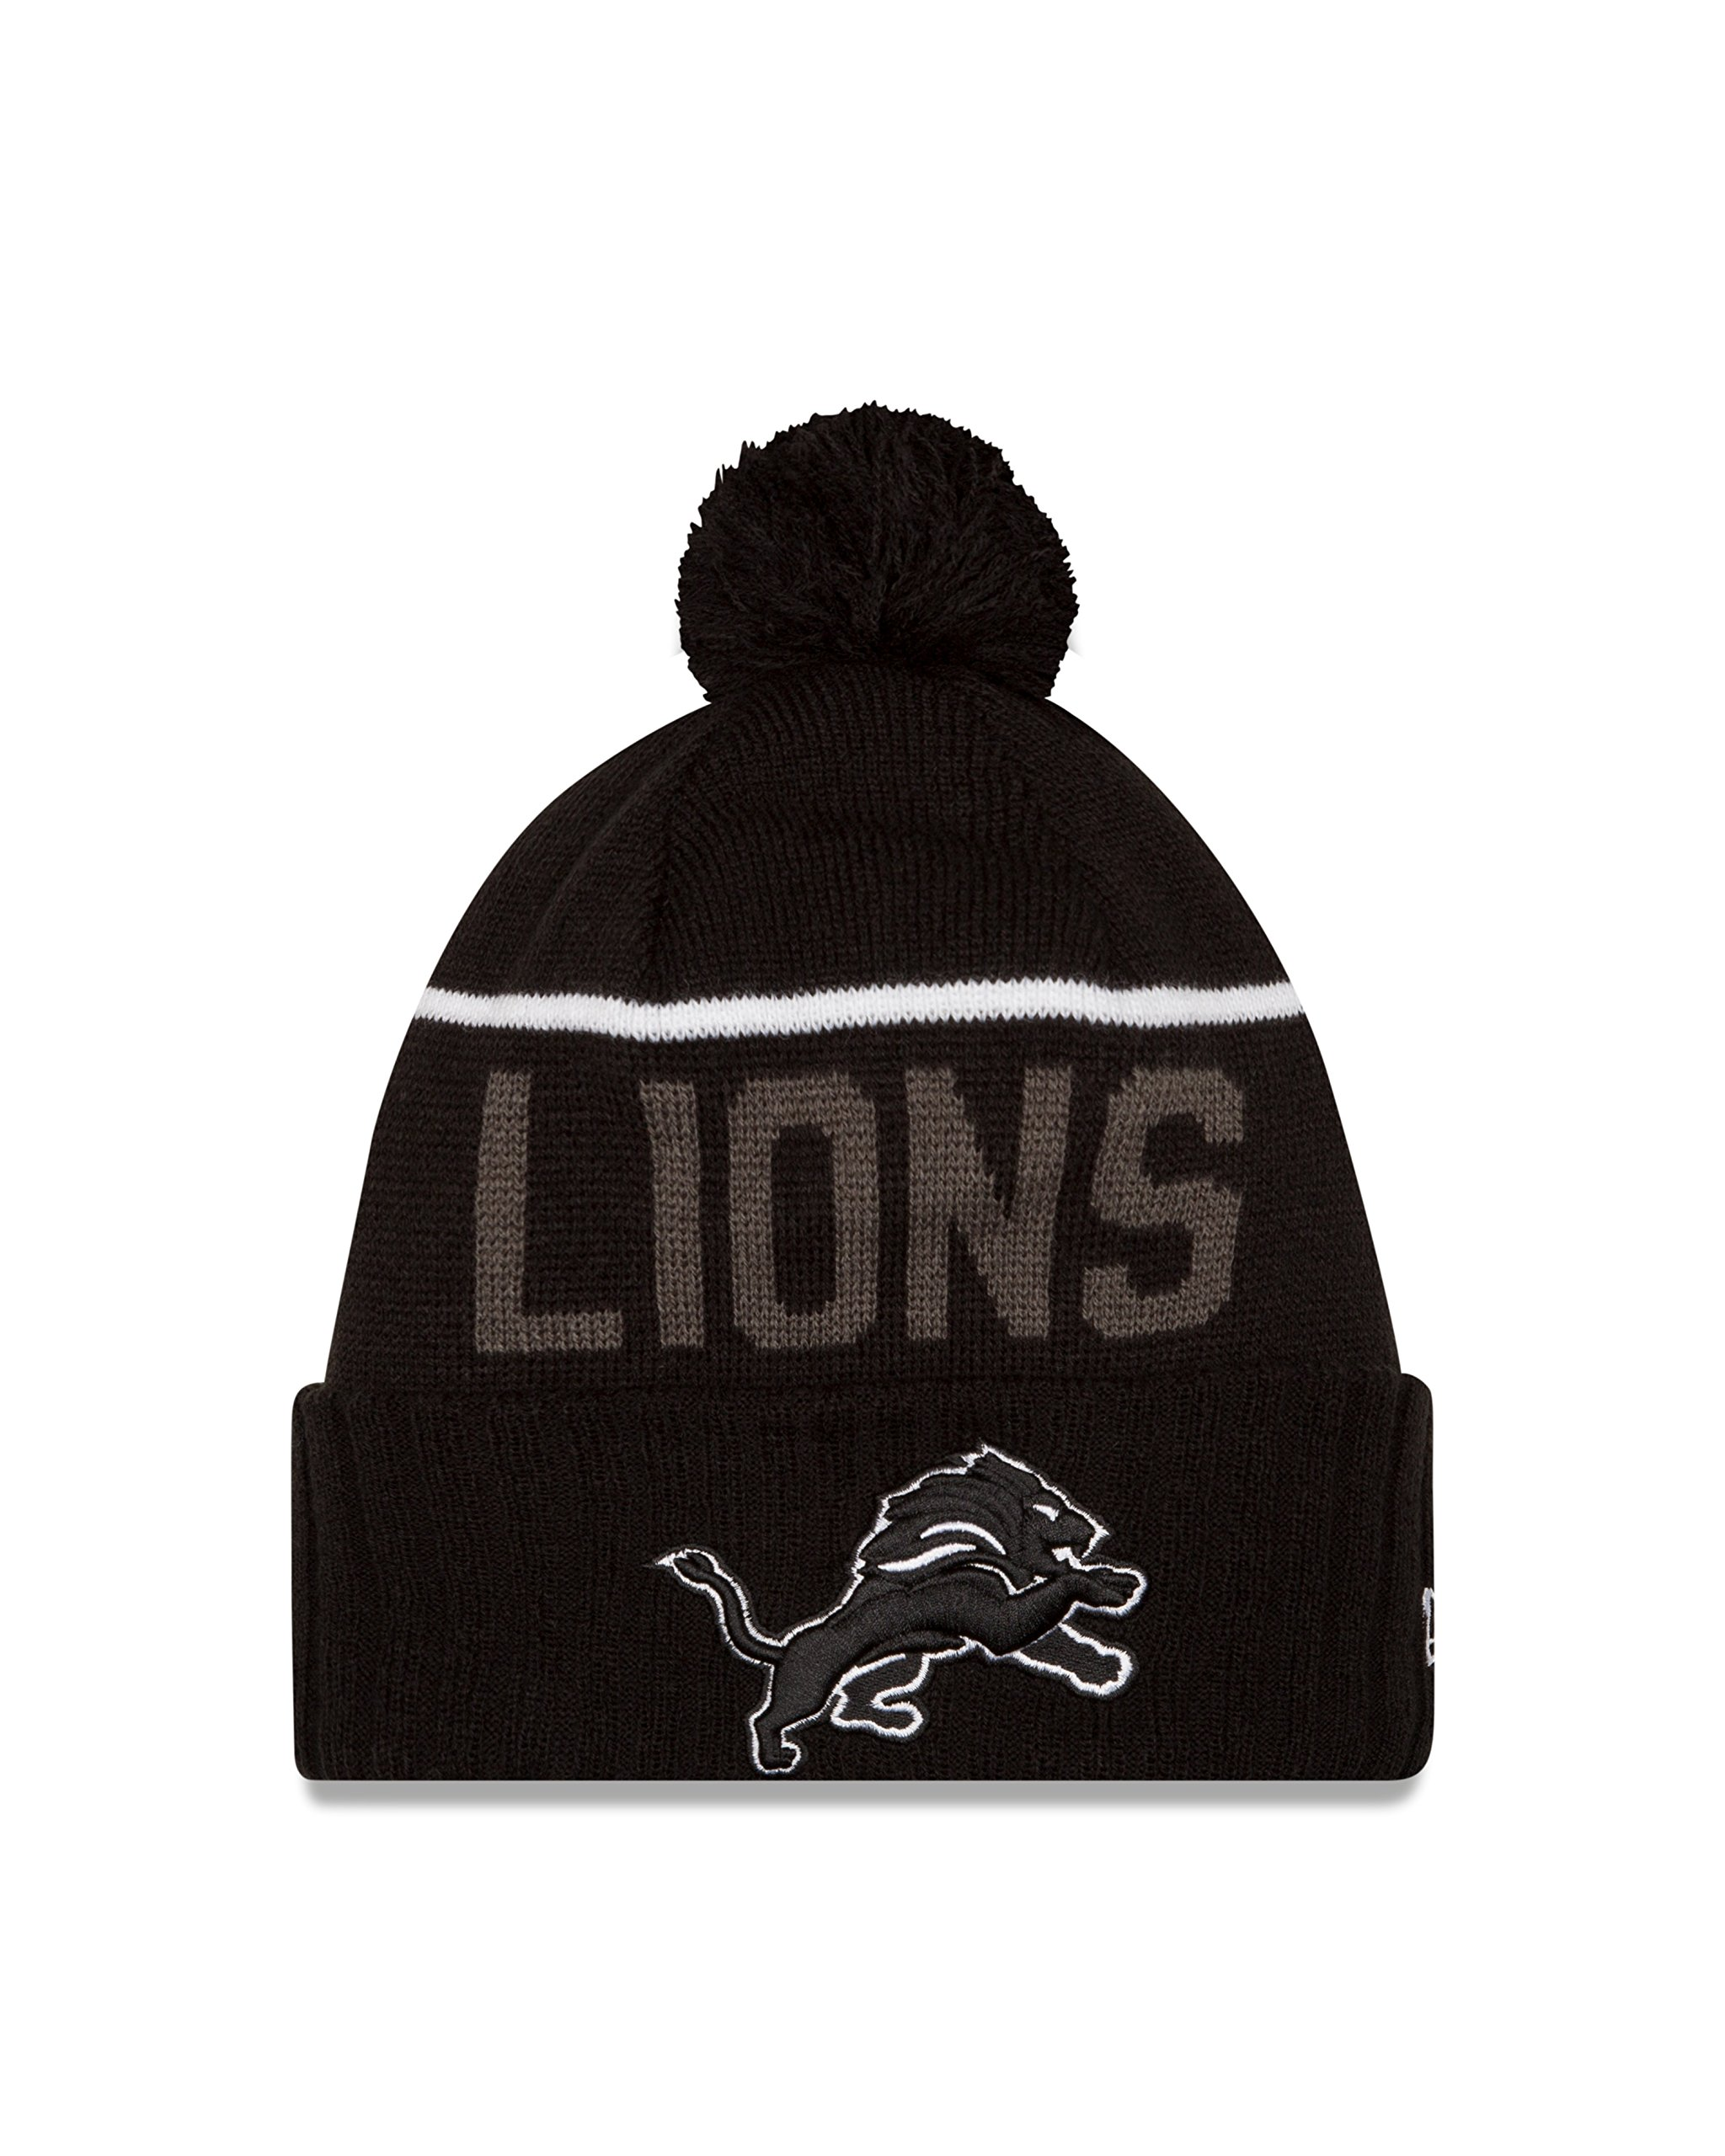 NFL Detroit Lions 2015 Sport Knit, Black, One Size